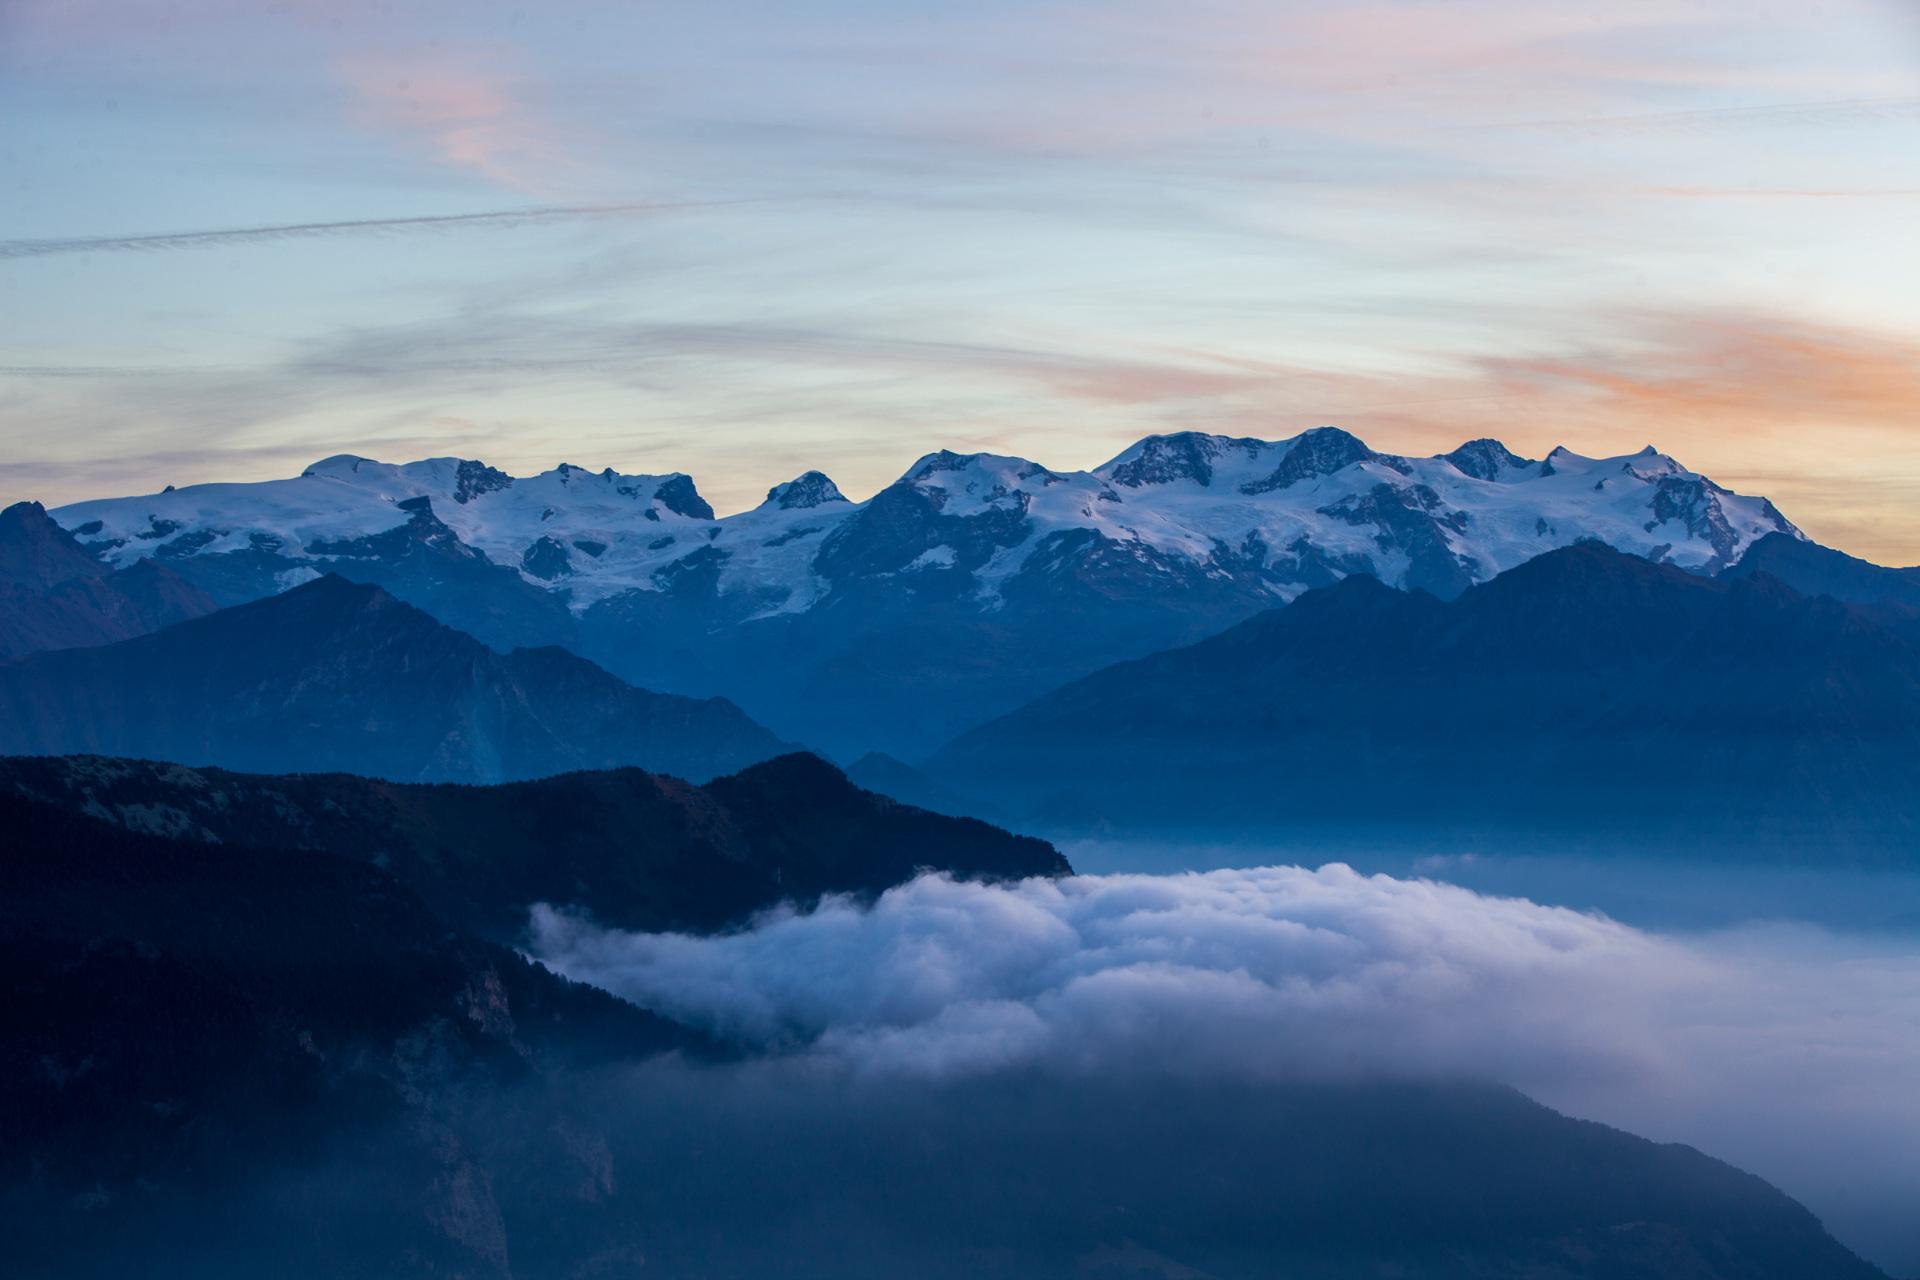 Monte Avic - Italy